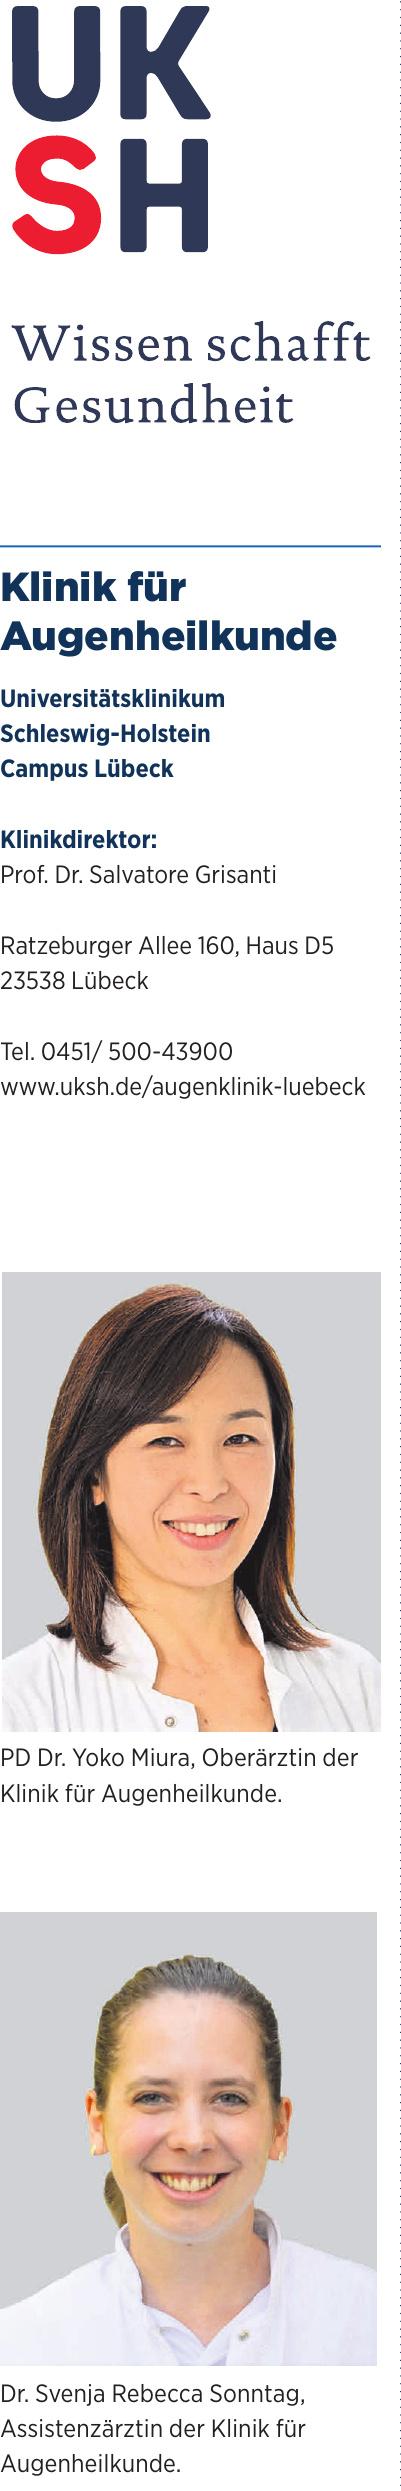 Klinik für Augenheilkunde - Universitätsklinikum Schleswig-Holstein Campus Lübeck